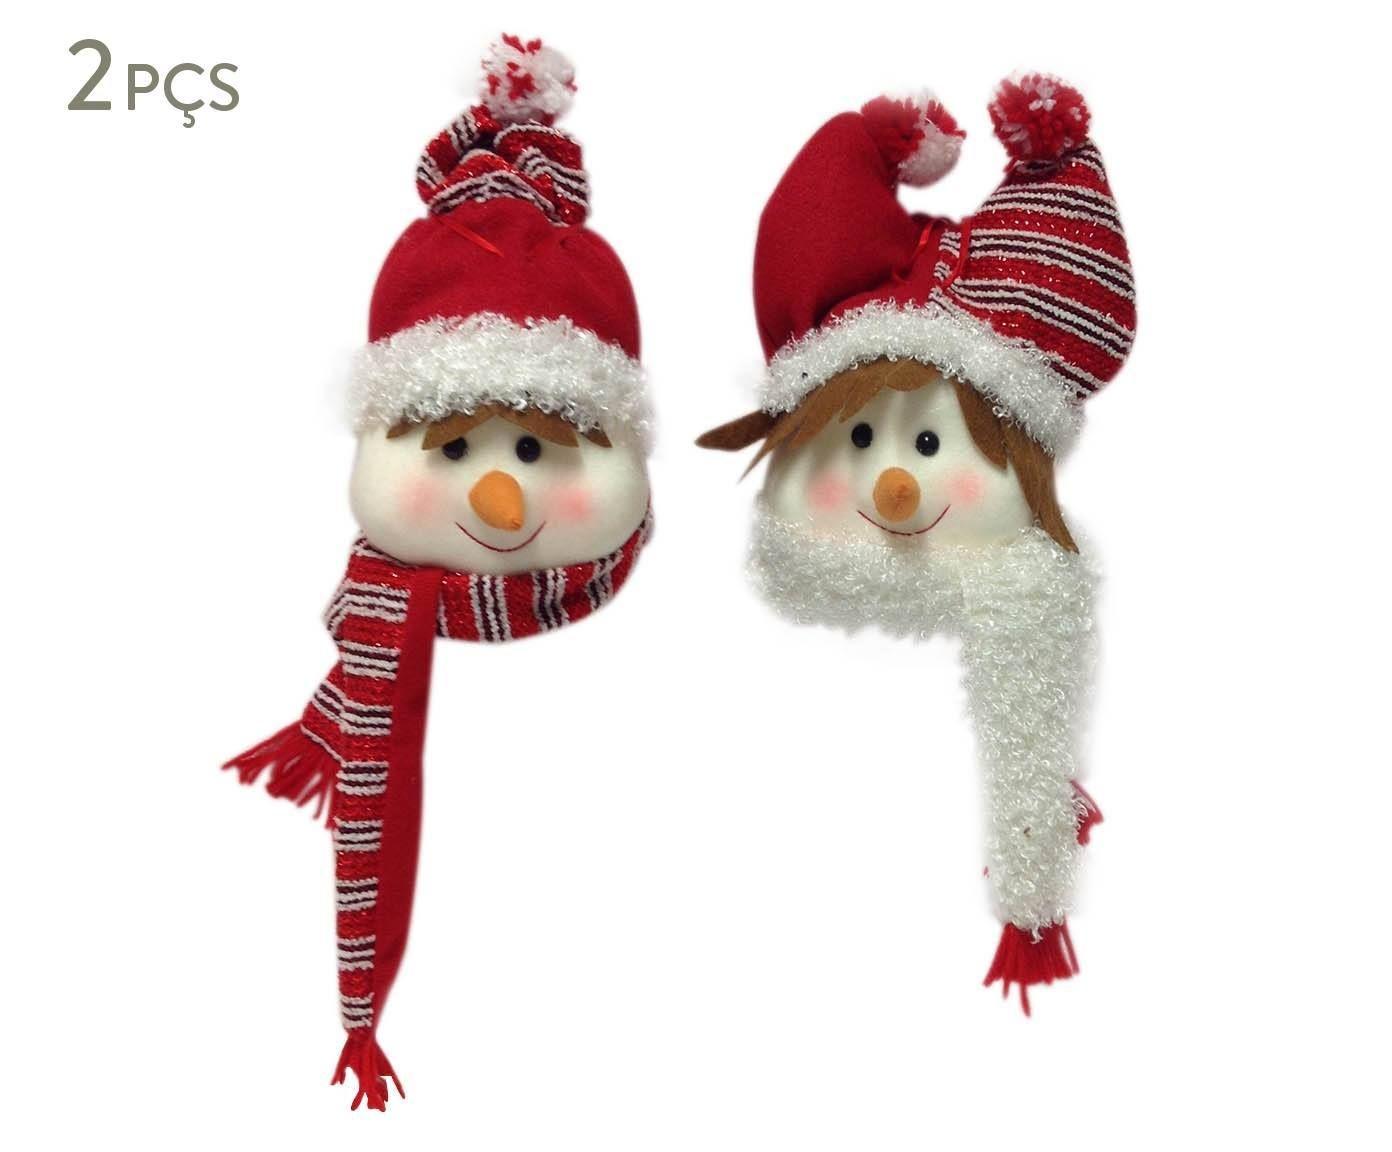 Conjunto de adornos natalinos snow friends | Westwing - Casa & Decoração